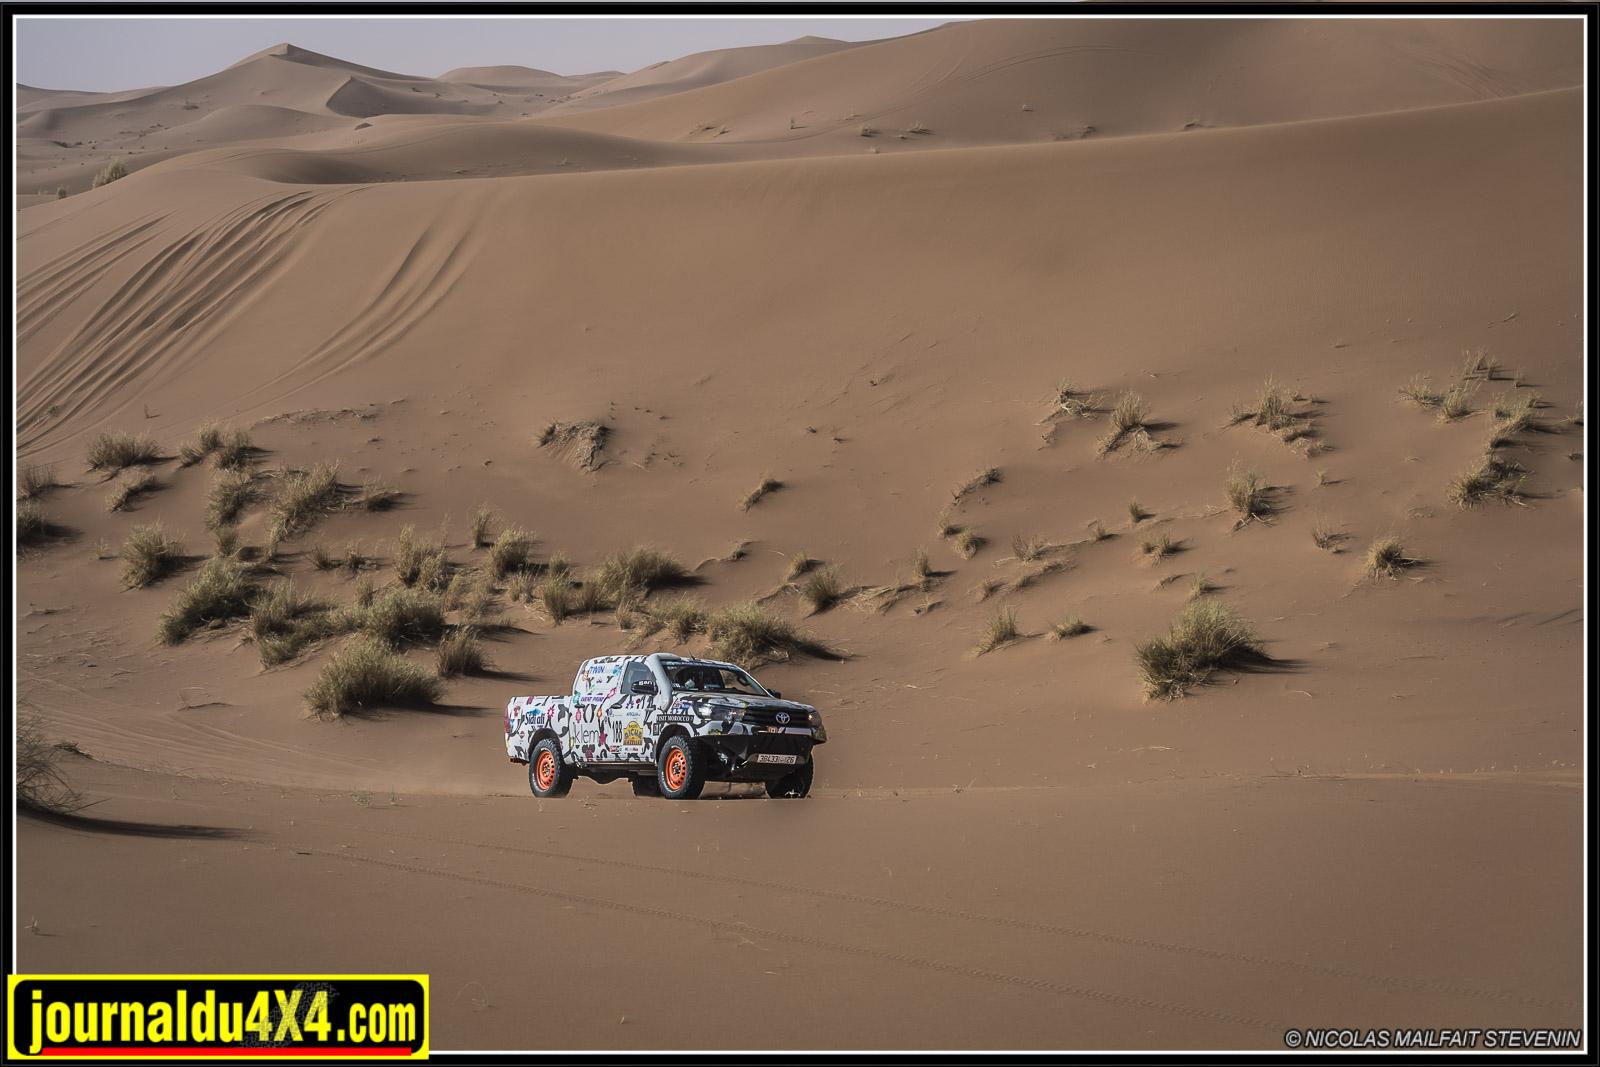 rallye-aicha-gazelles-maroc-2017-7593.jpg